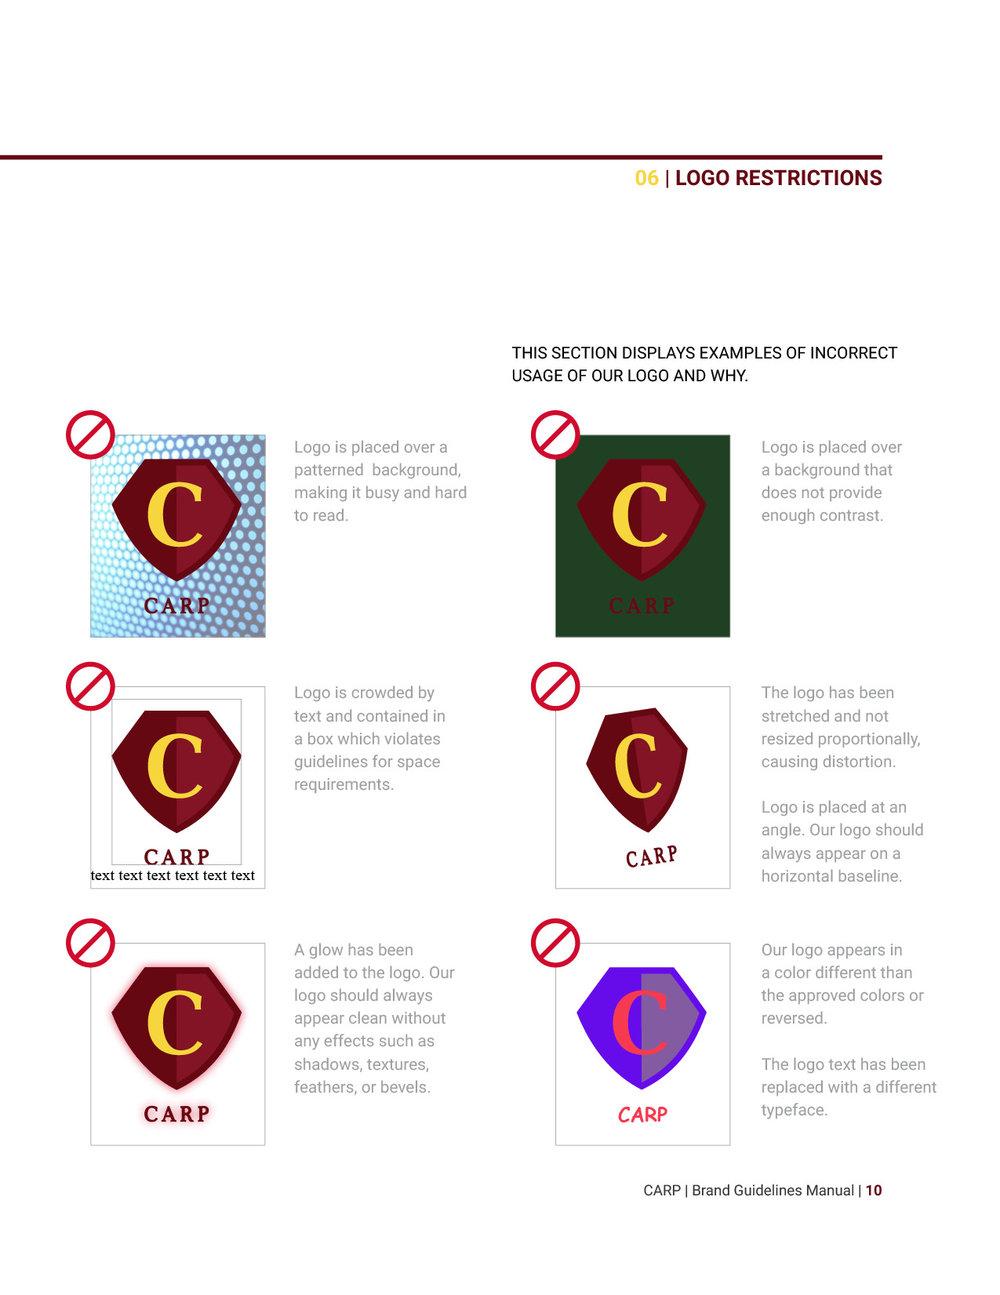 CARP_brand_guidelines_110.jpg